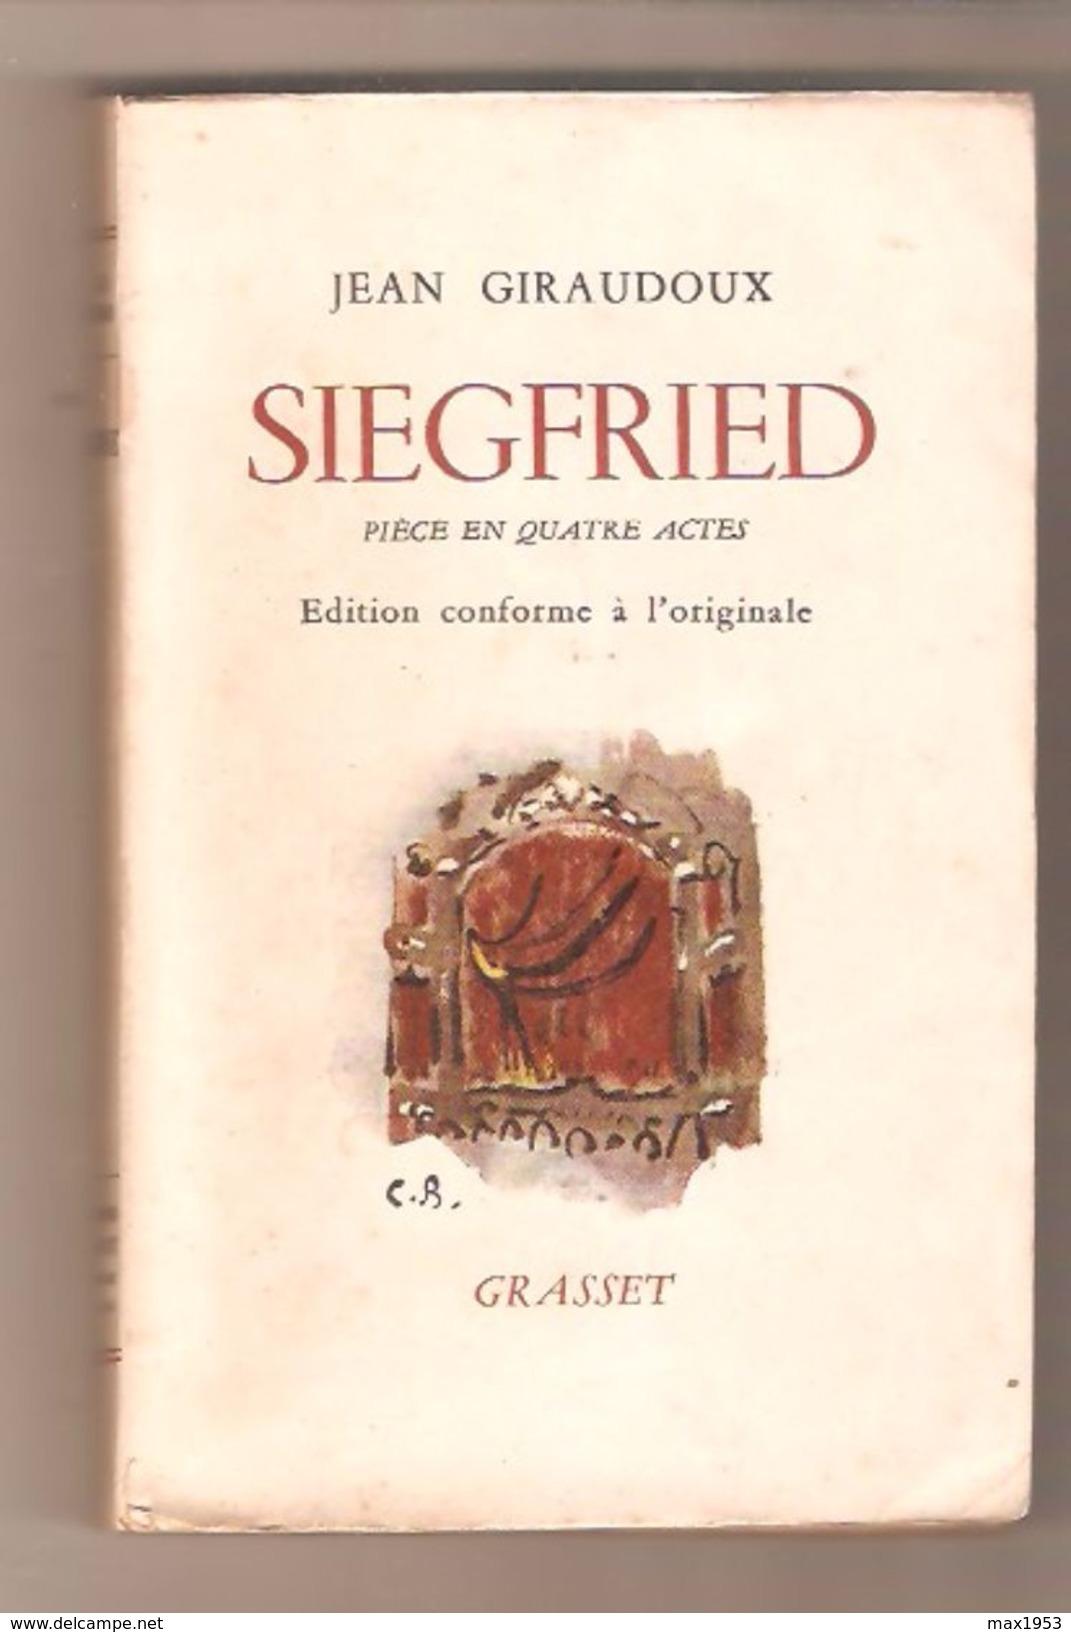 Jean Giraudoux - SIEGFRIED Pièce En Quatre Actes - Edition Conforme à L'originale - Grasset , 1955 - Theater